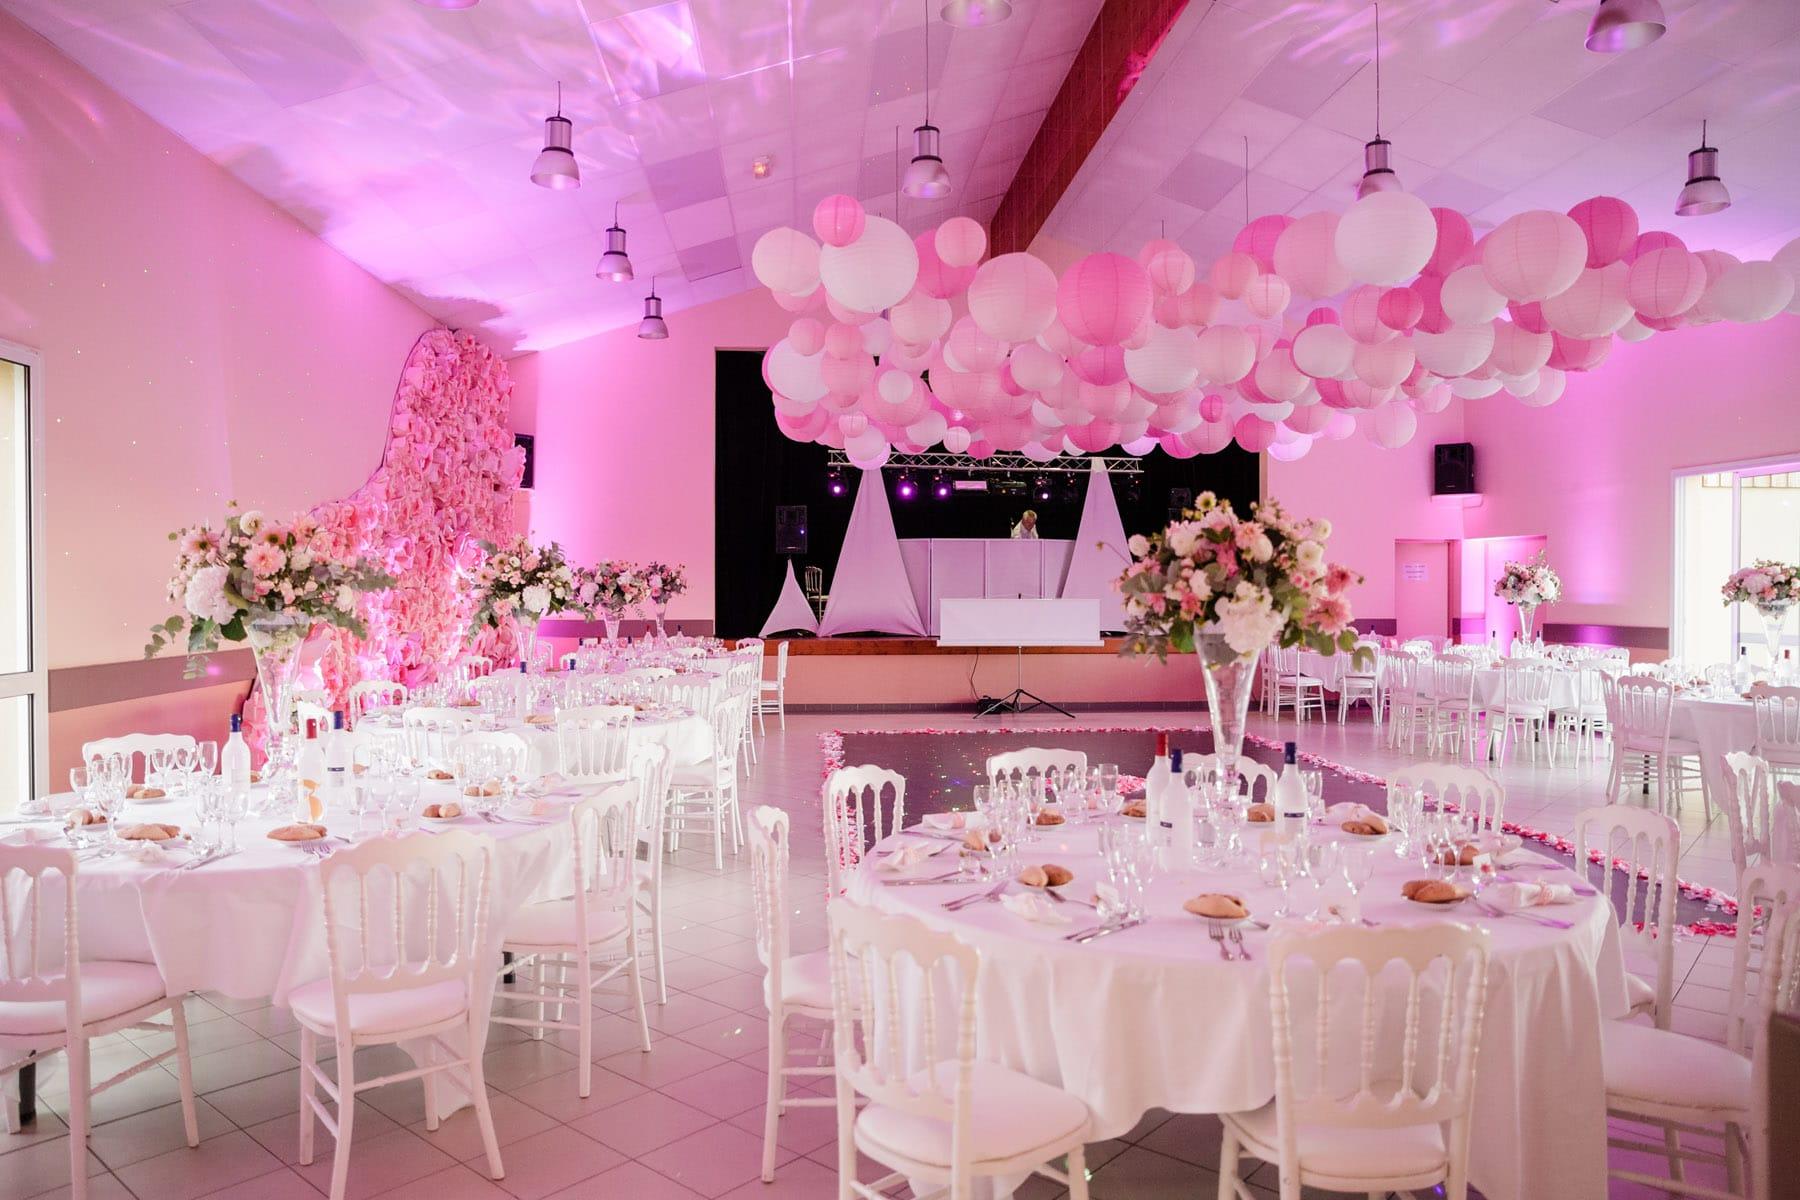 salle de reception mariage diy photographe mariage bordeaux landes fineart francais sarah miramon blog 46